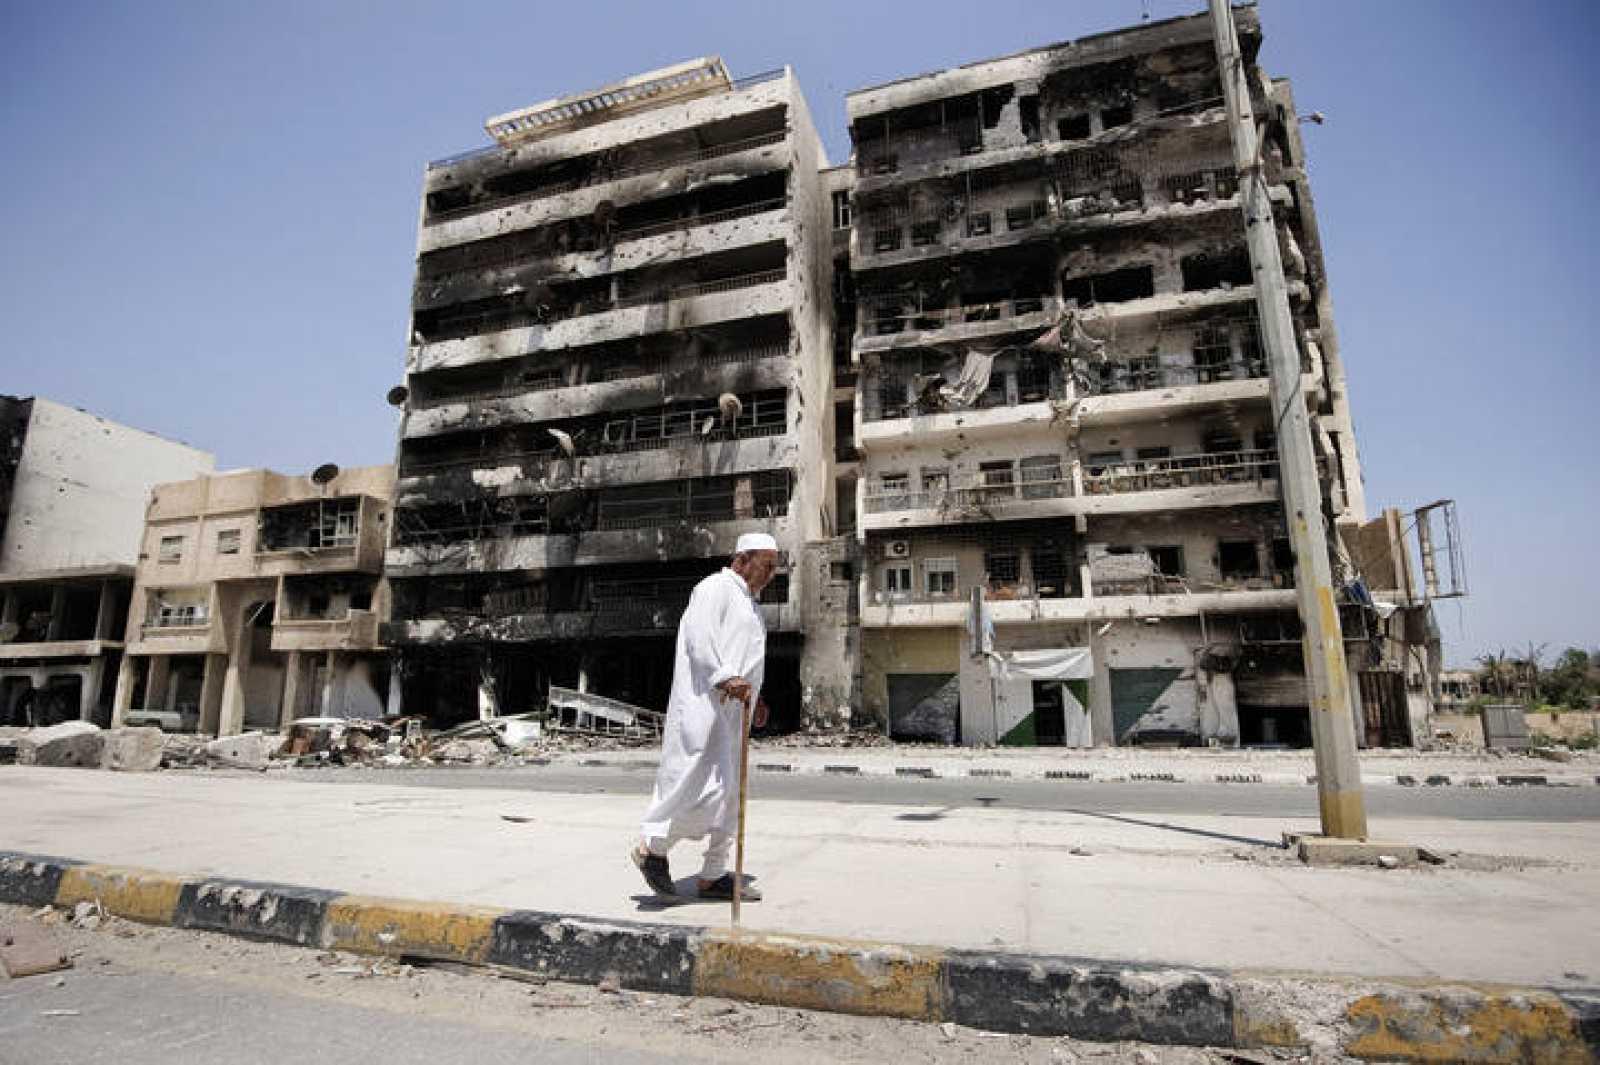 Un hombre pasa junto a un edificio dañado en los bombardeos de la ciudad de Misrata, en Libia